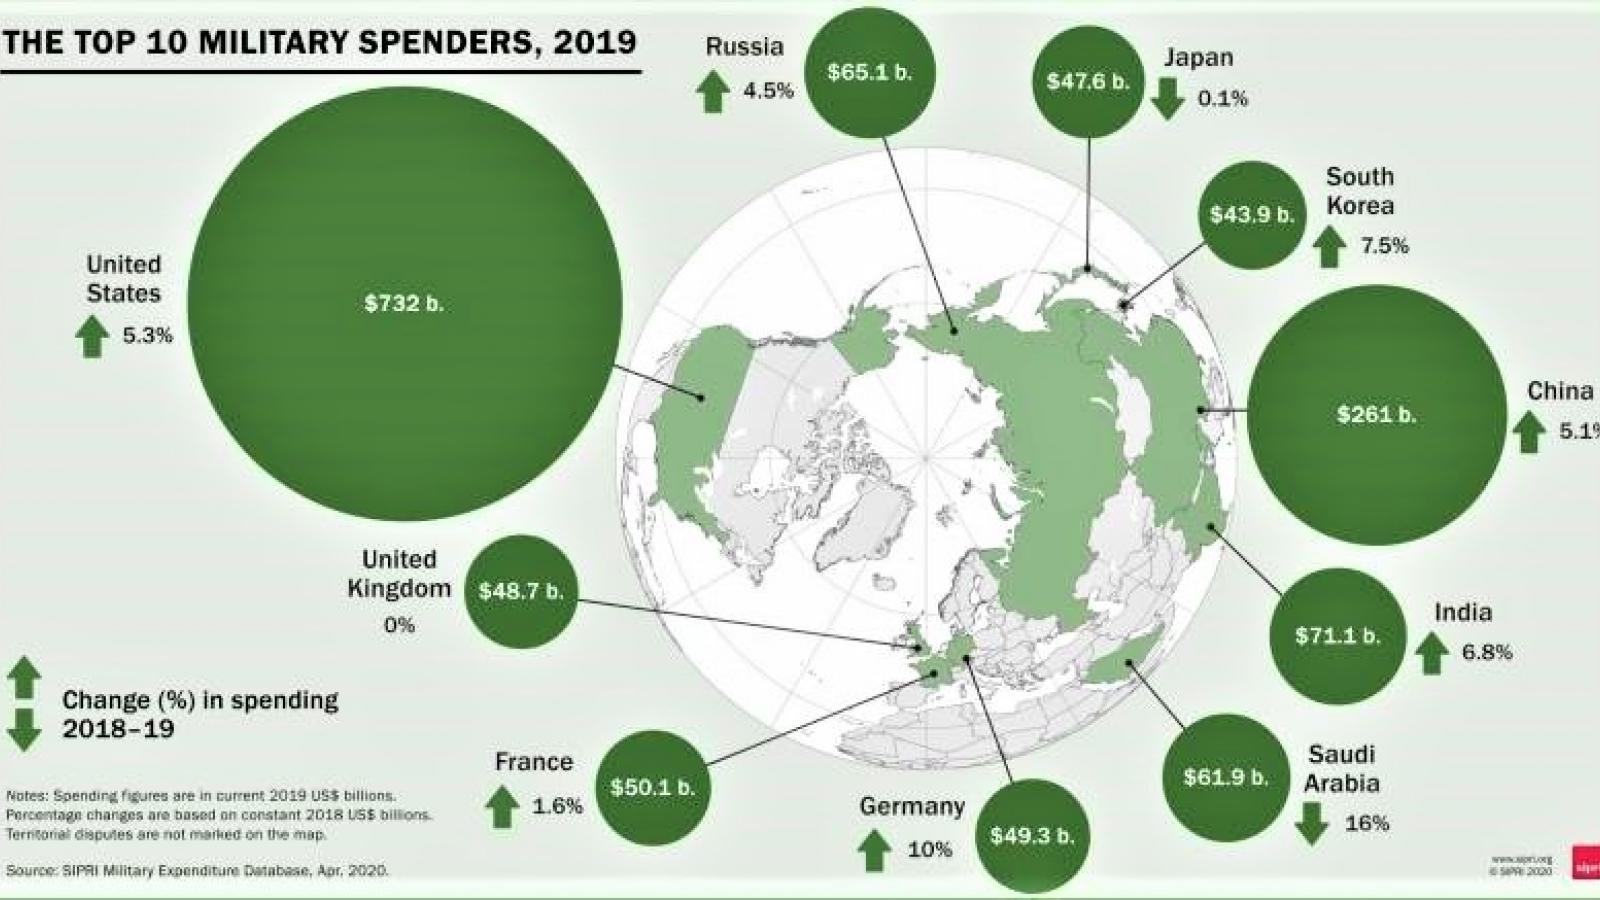 Các xu hướng và hiện tượng chính trong chi tiêu quốc phòng năm 2019